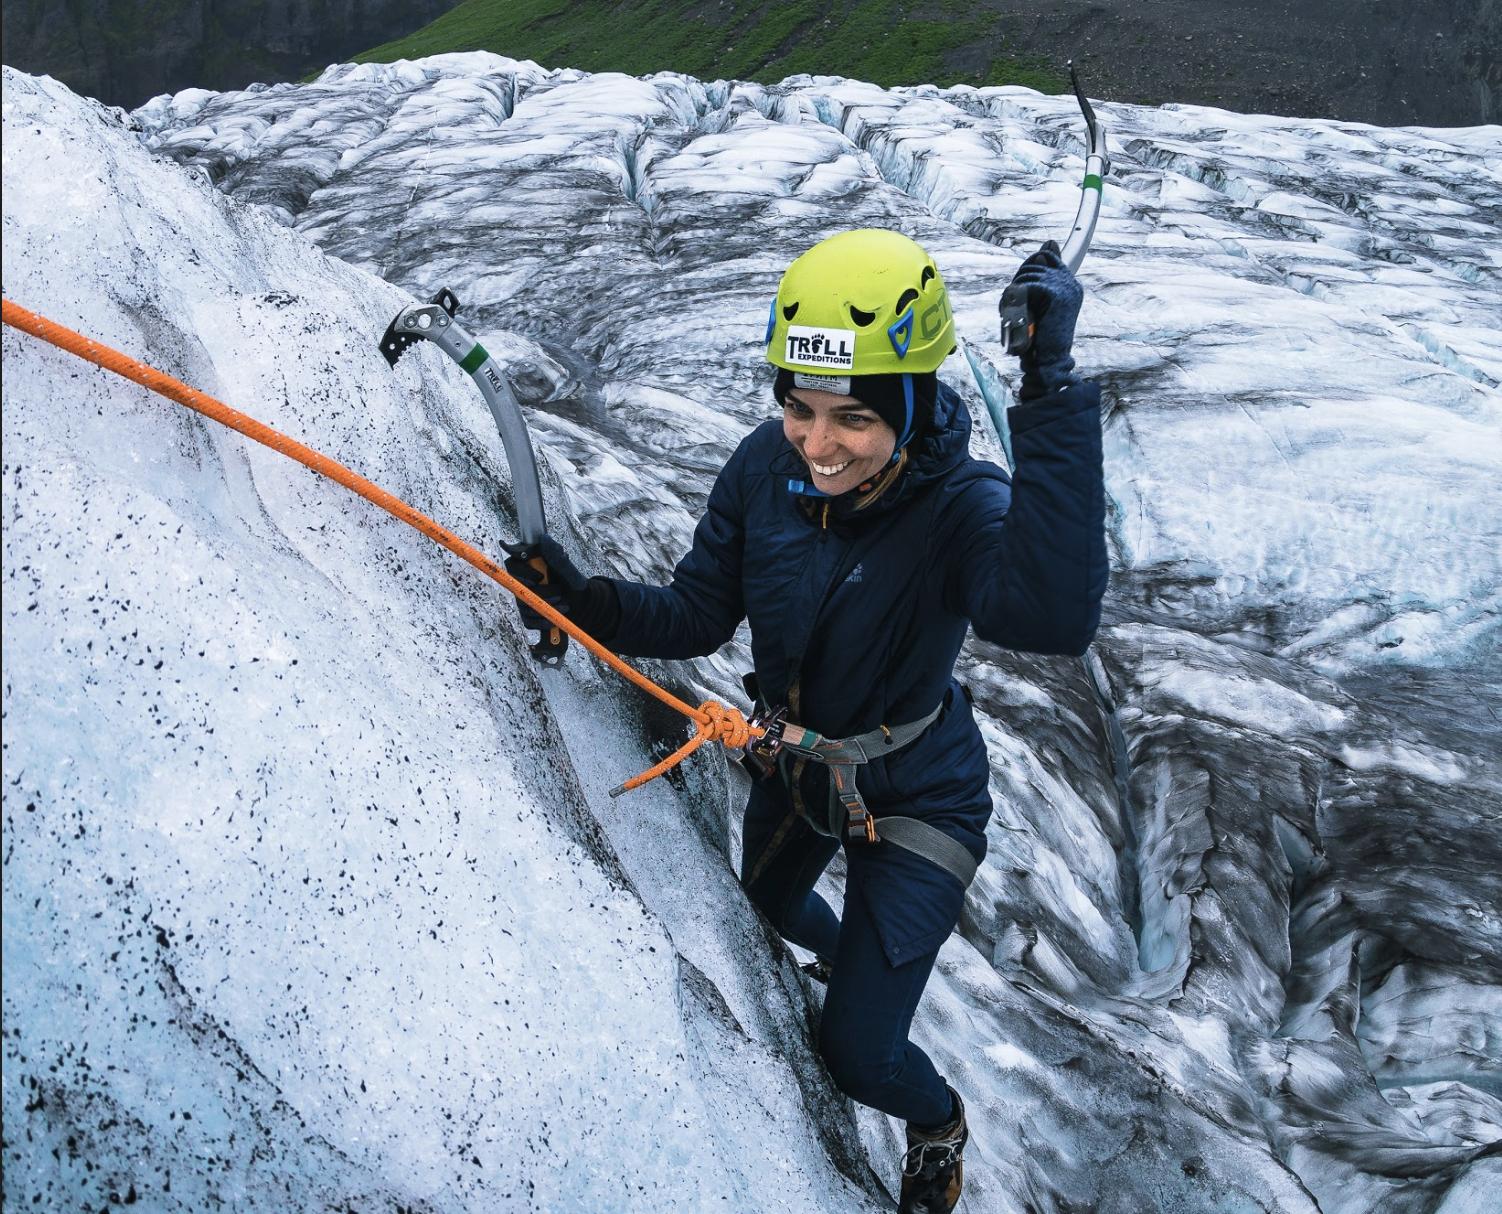 Wspinaczka i wędrówka po lodowcu Vatnajokull w rezerwacie Skaftafell.